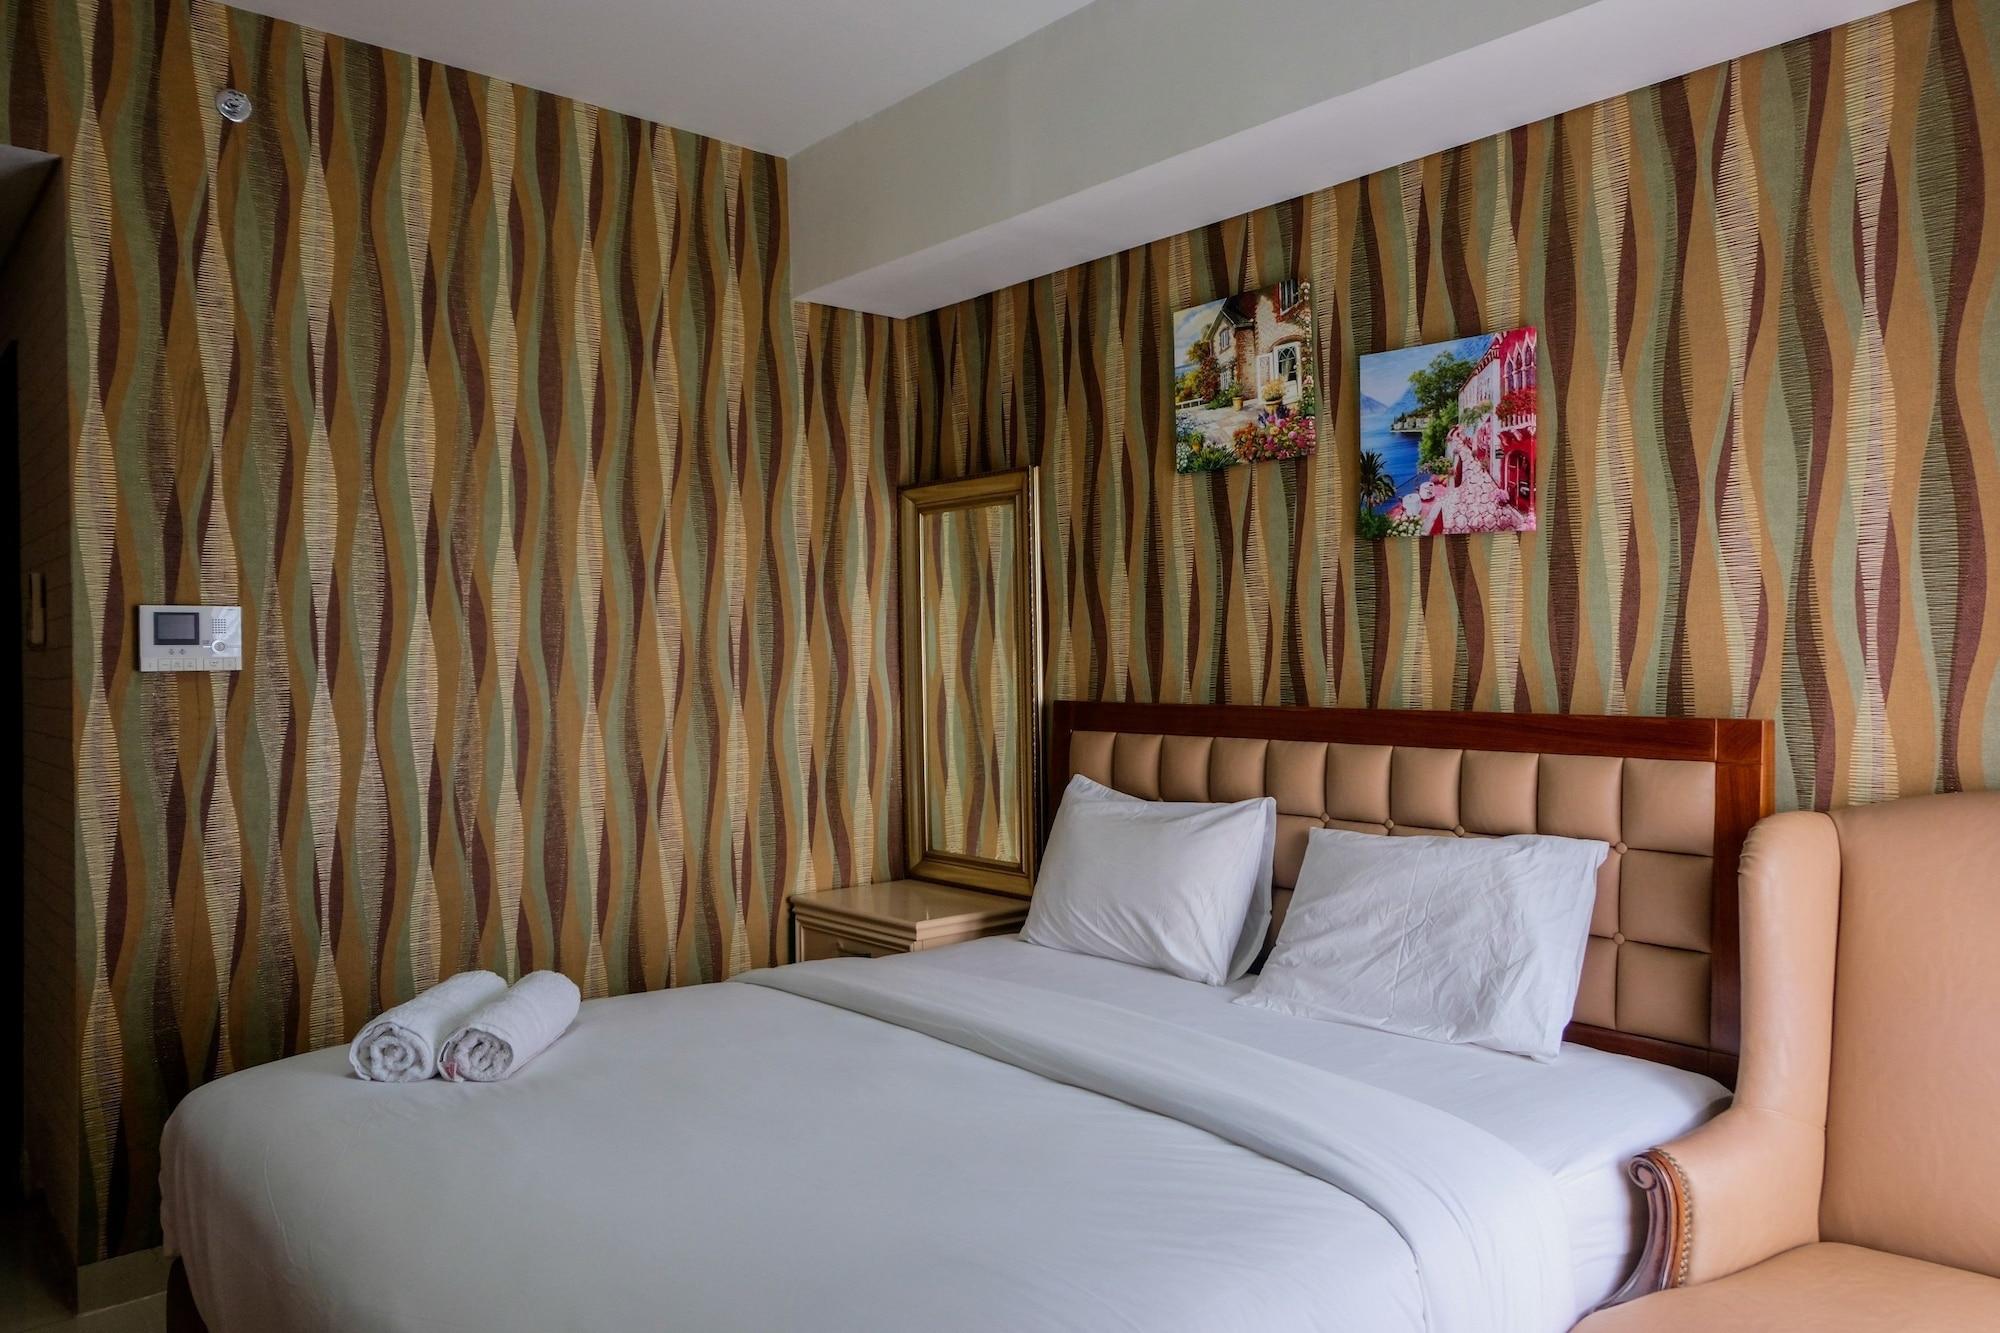 Best Price Studio @ ARA Apartment Gading Serpong, Tangerang